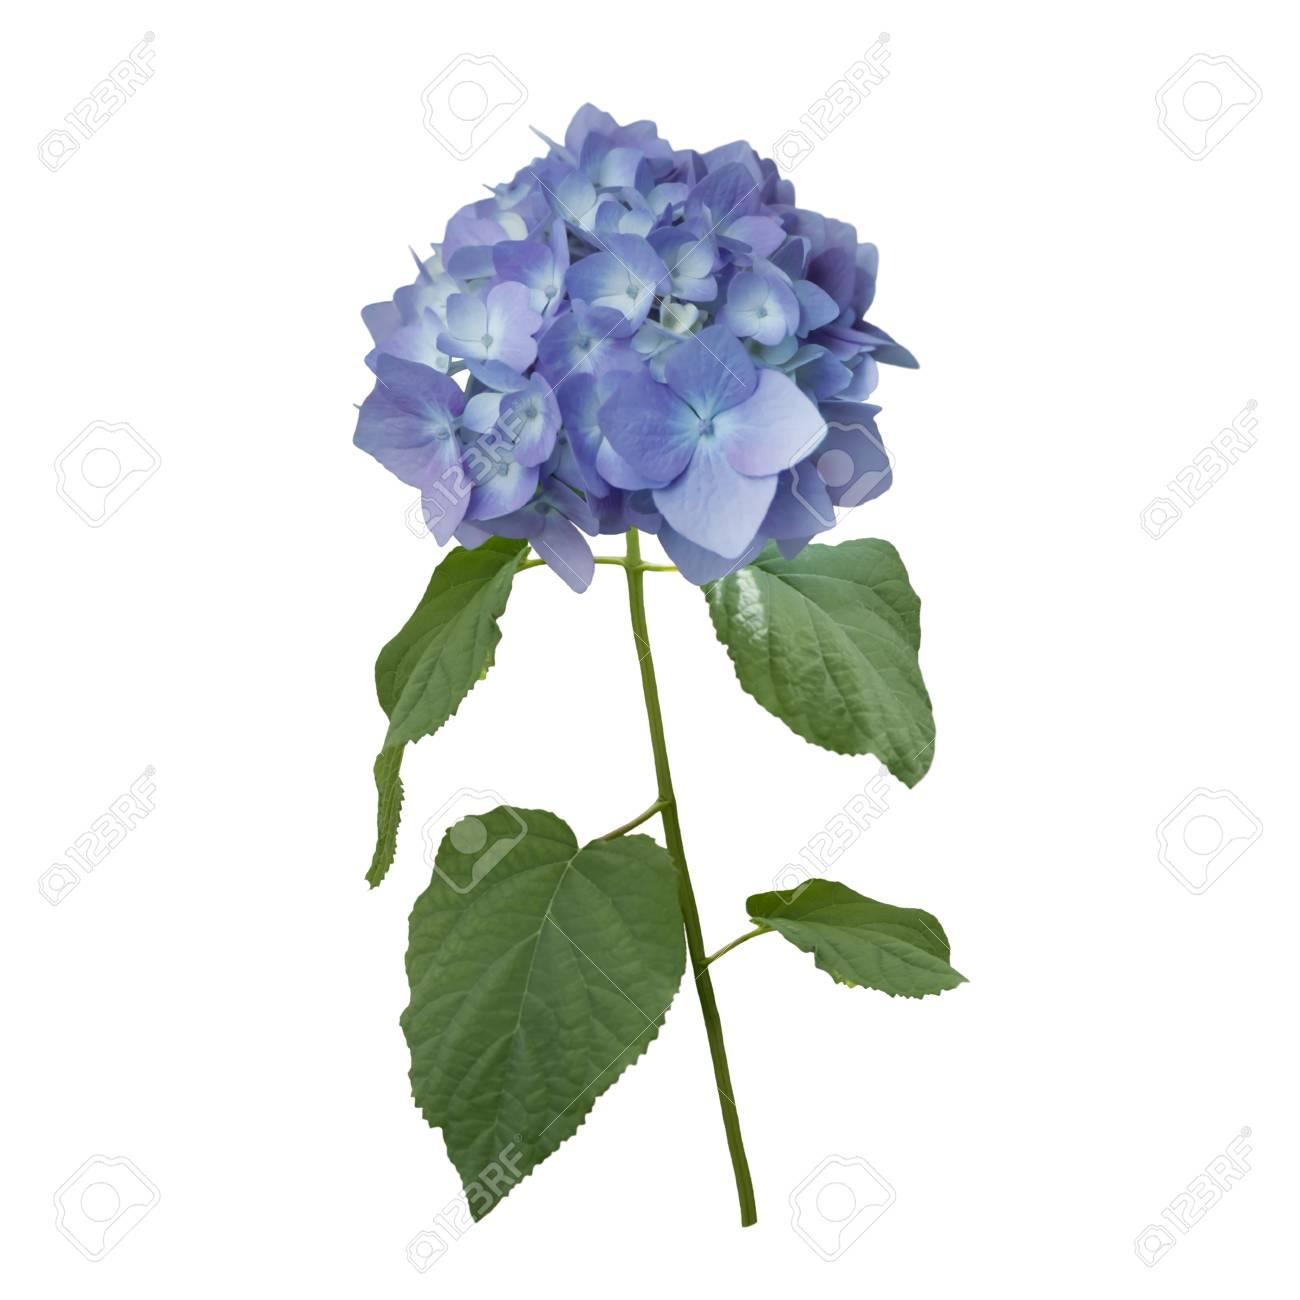 Blaue Hortensie Blumen Isoliert Auf Weissem Hintergrund Lizenzfreie